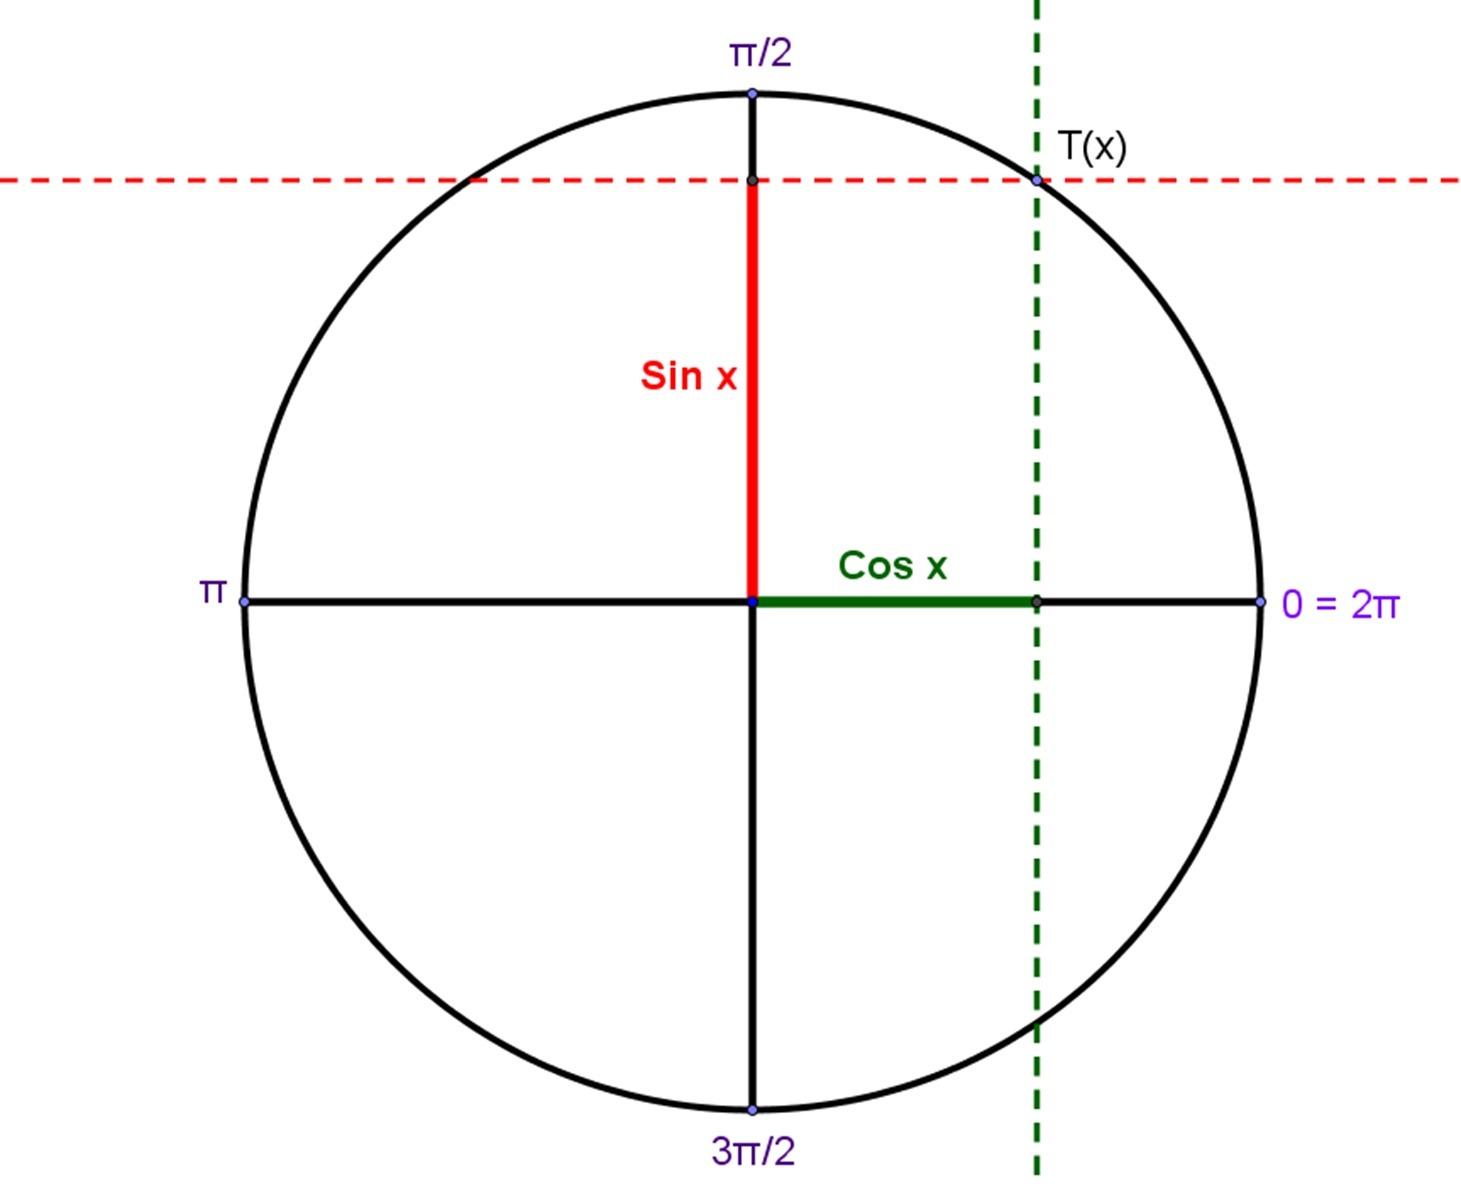 Worksheet Graphing Sine And Cosine Functions Worksheet